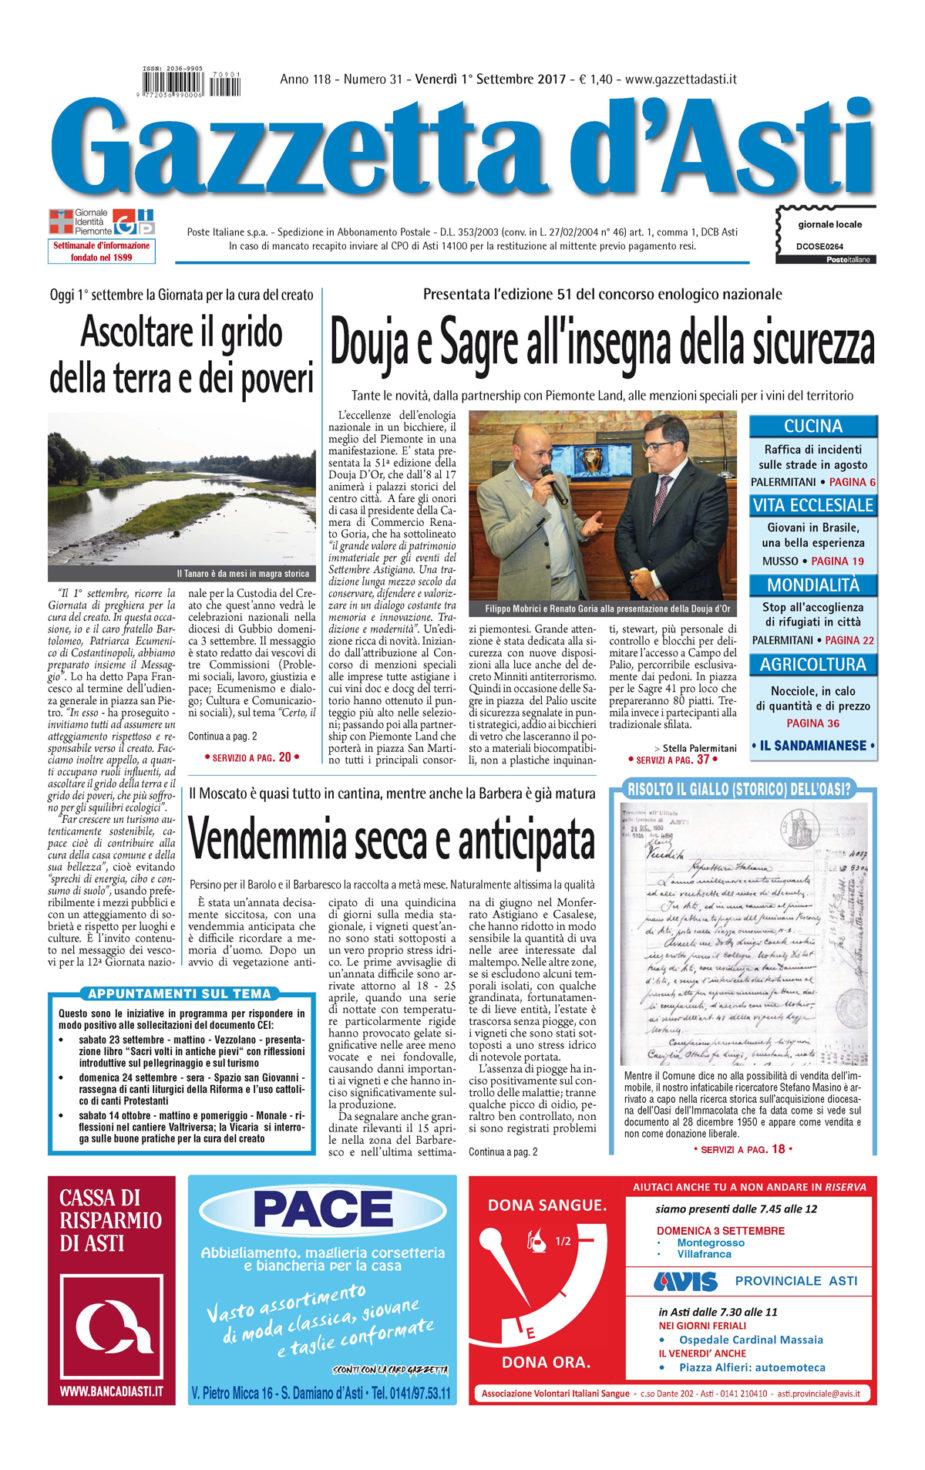 Prima pagina – 1° settembre 2017